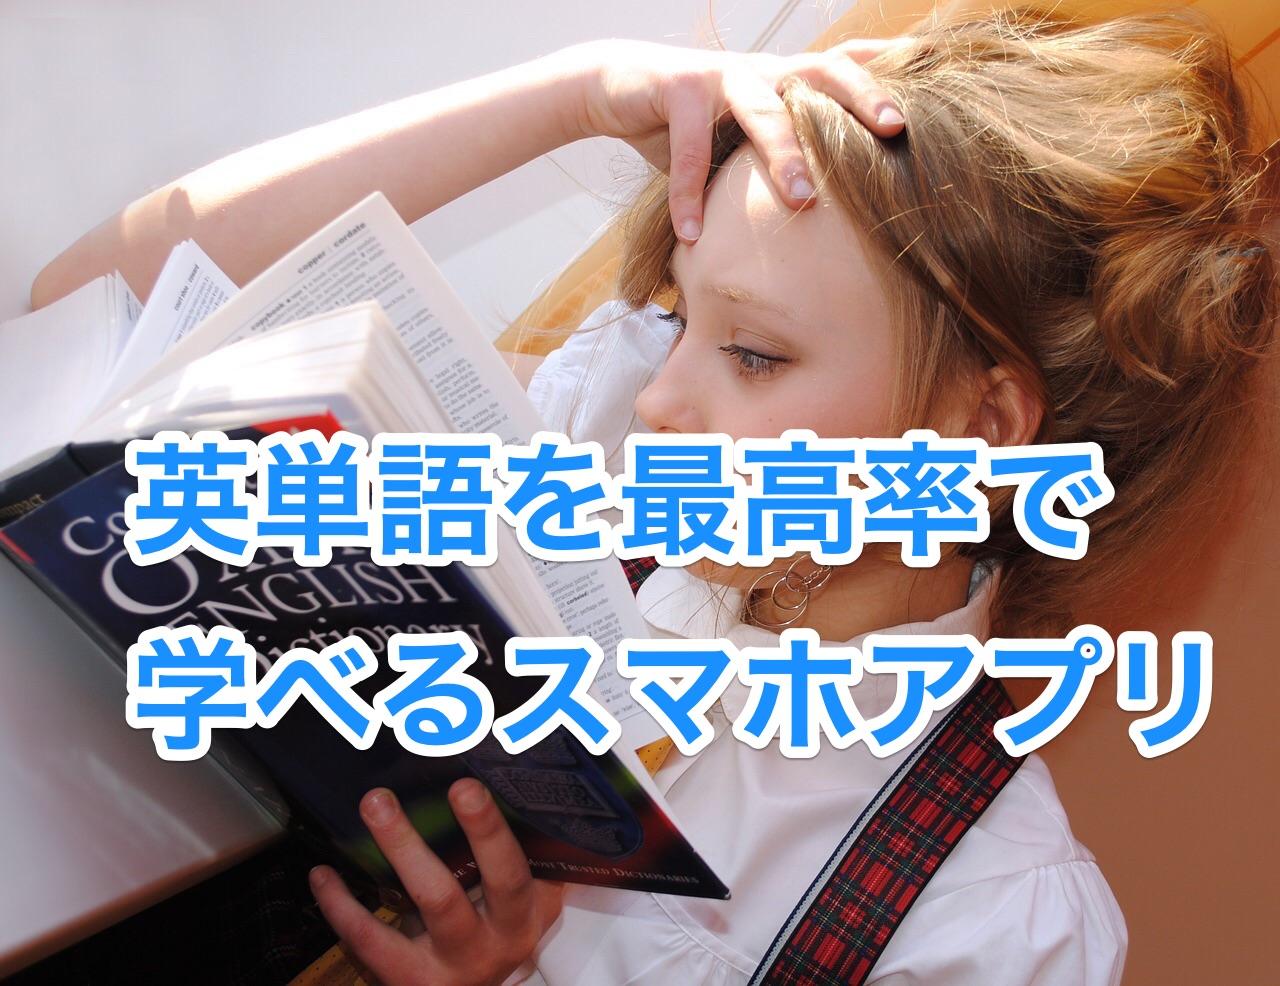 全英語学習者にオススメ。英単語を最高率で学べるアプリ「Lingvist」を今すぐ始めよう。